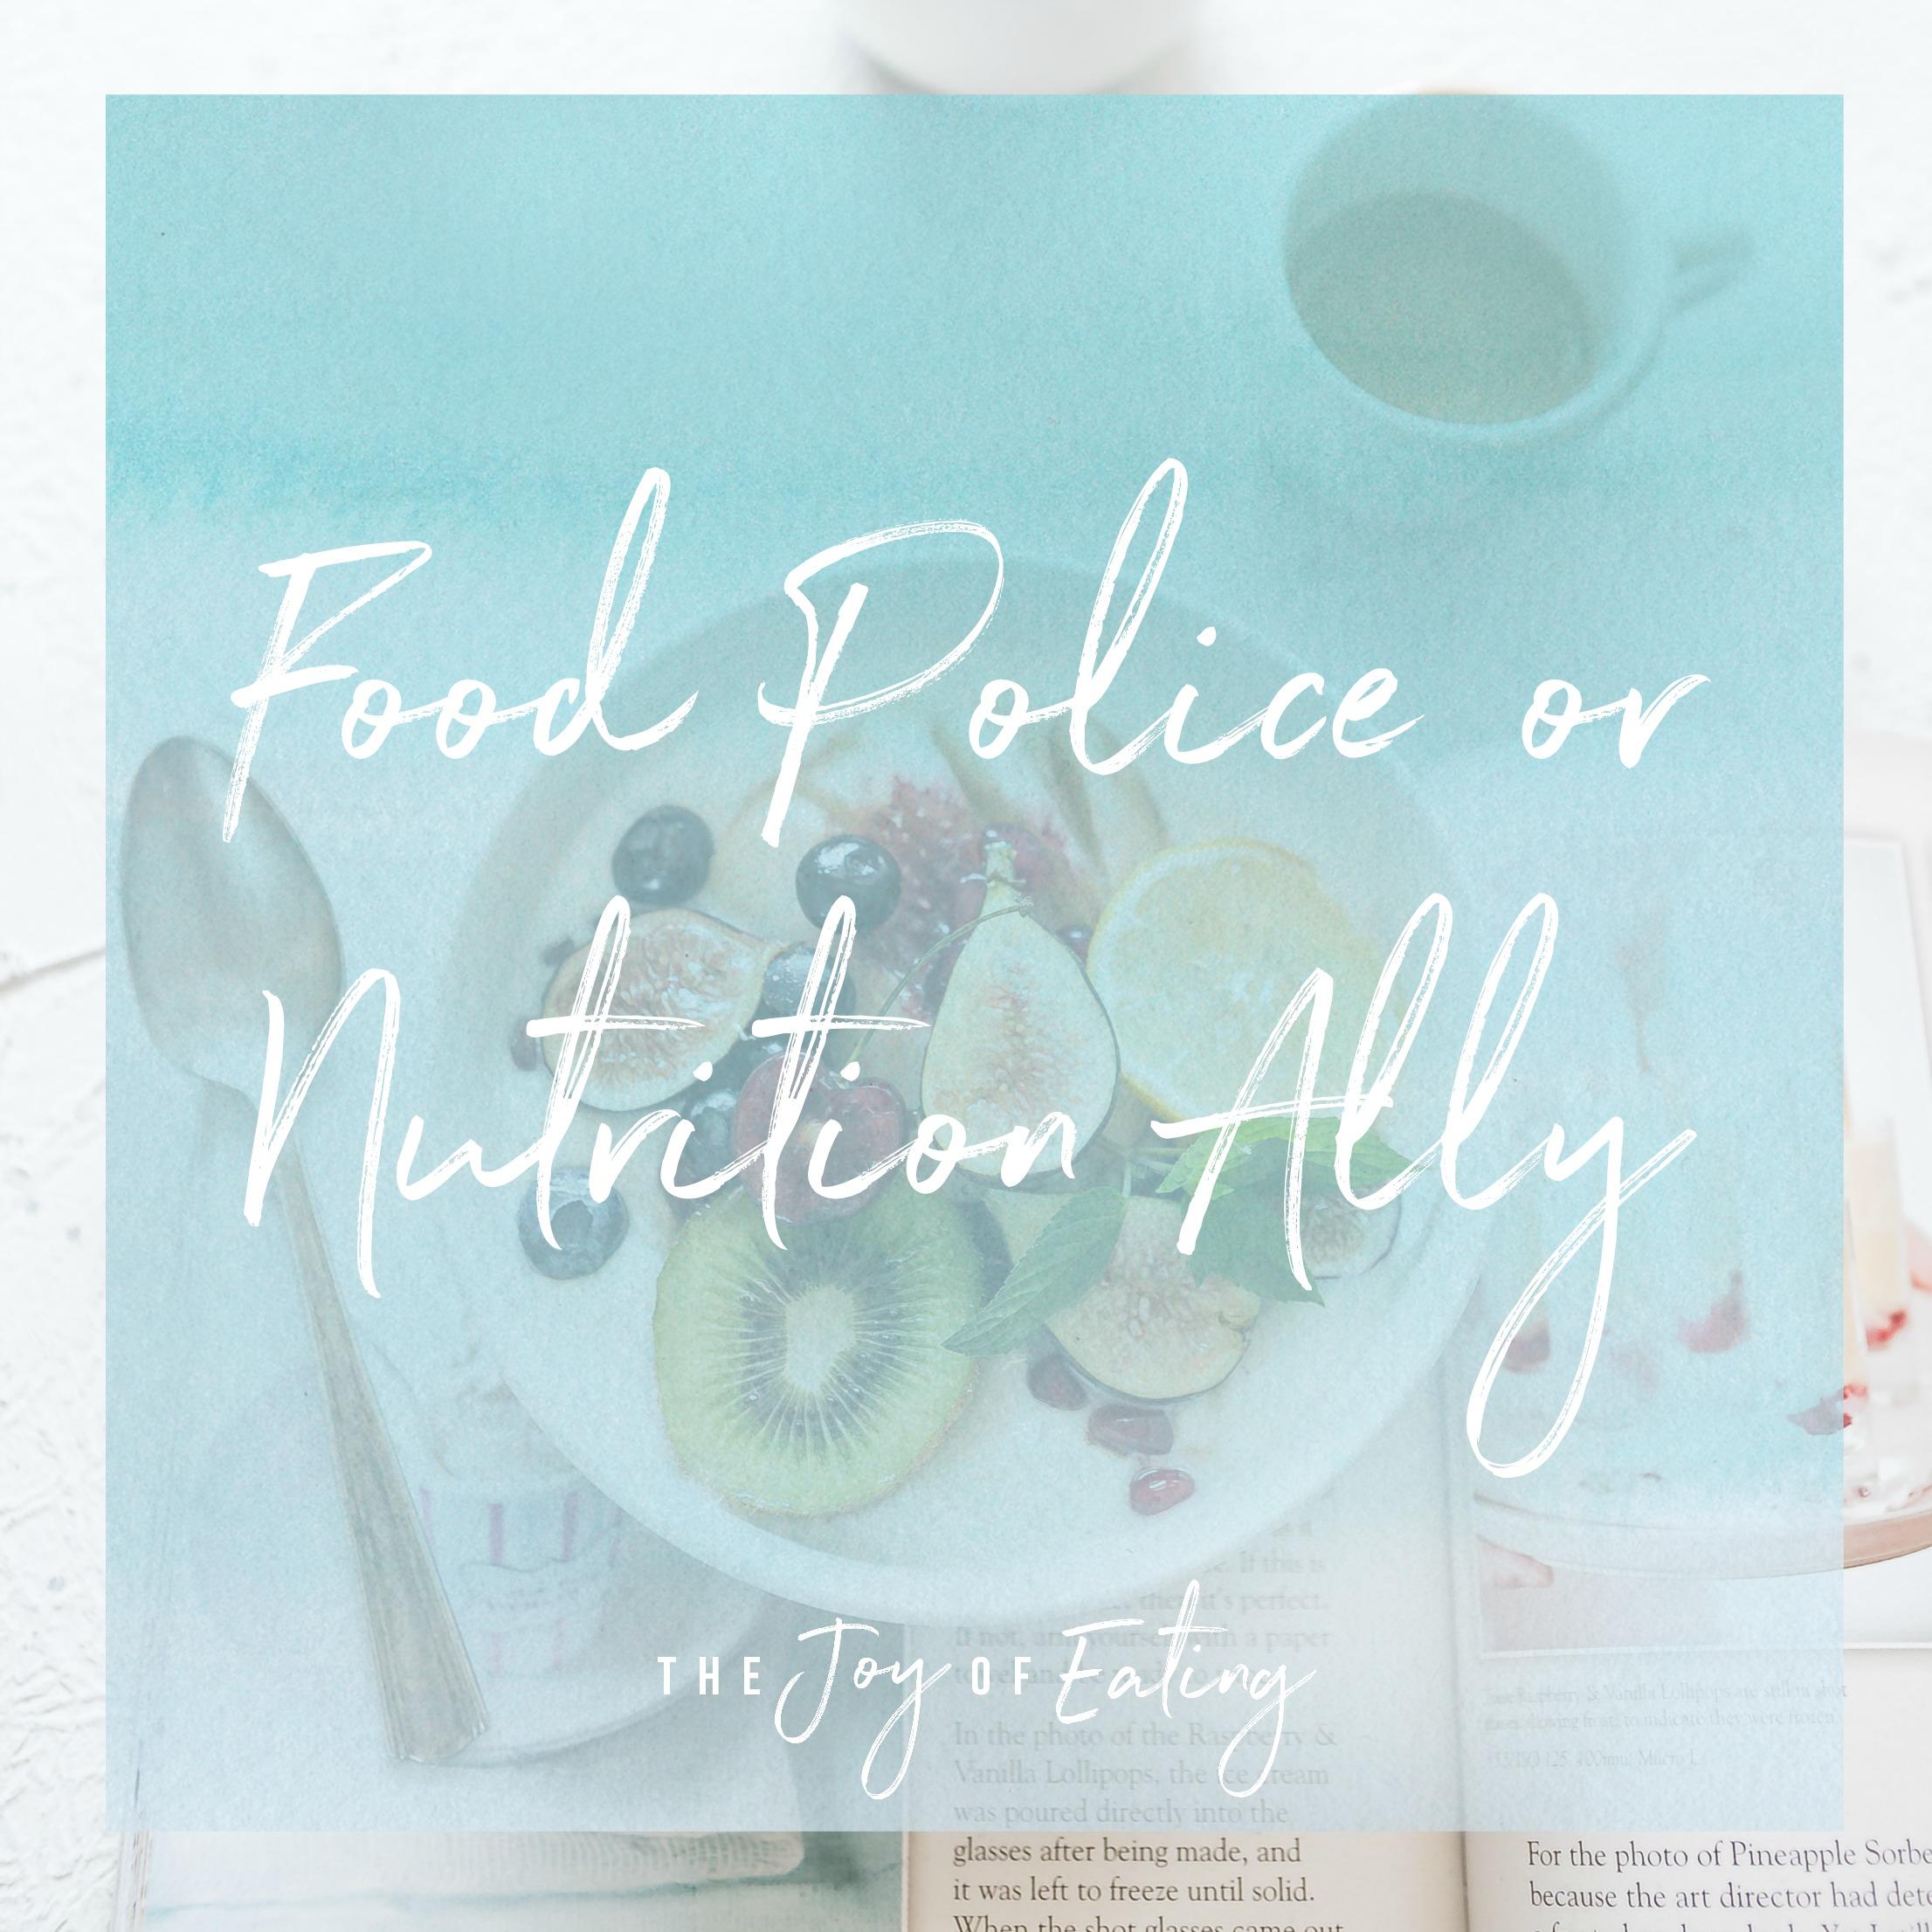 食物和食物,营养不良